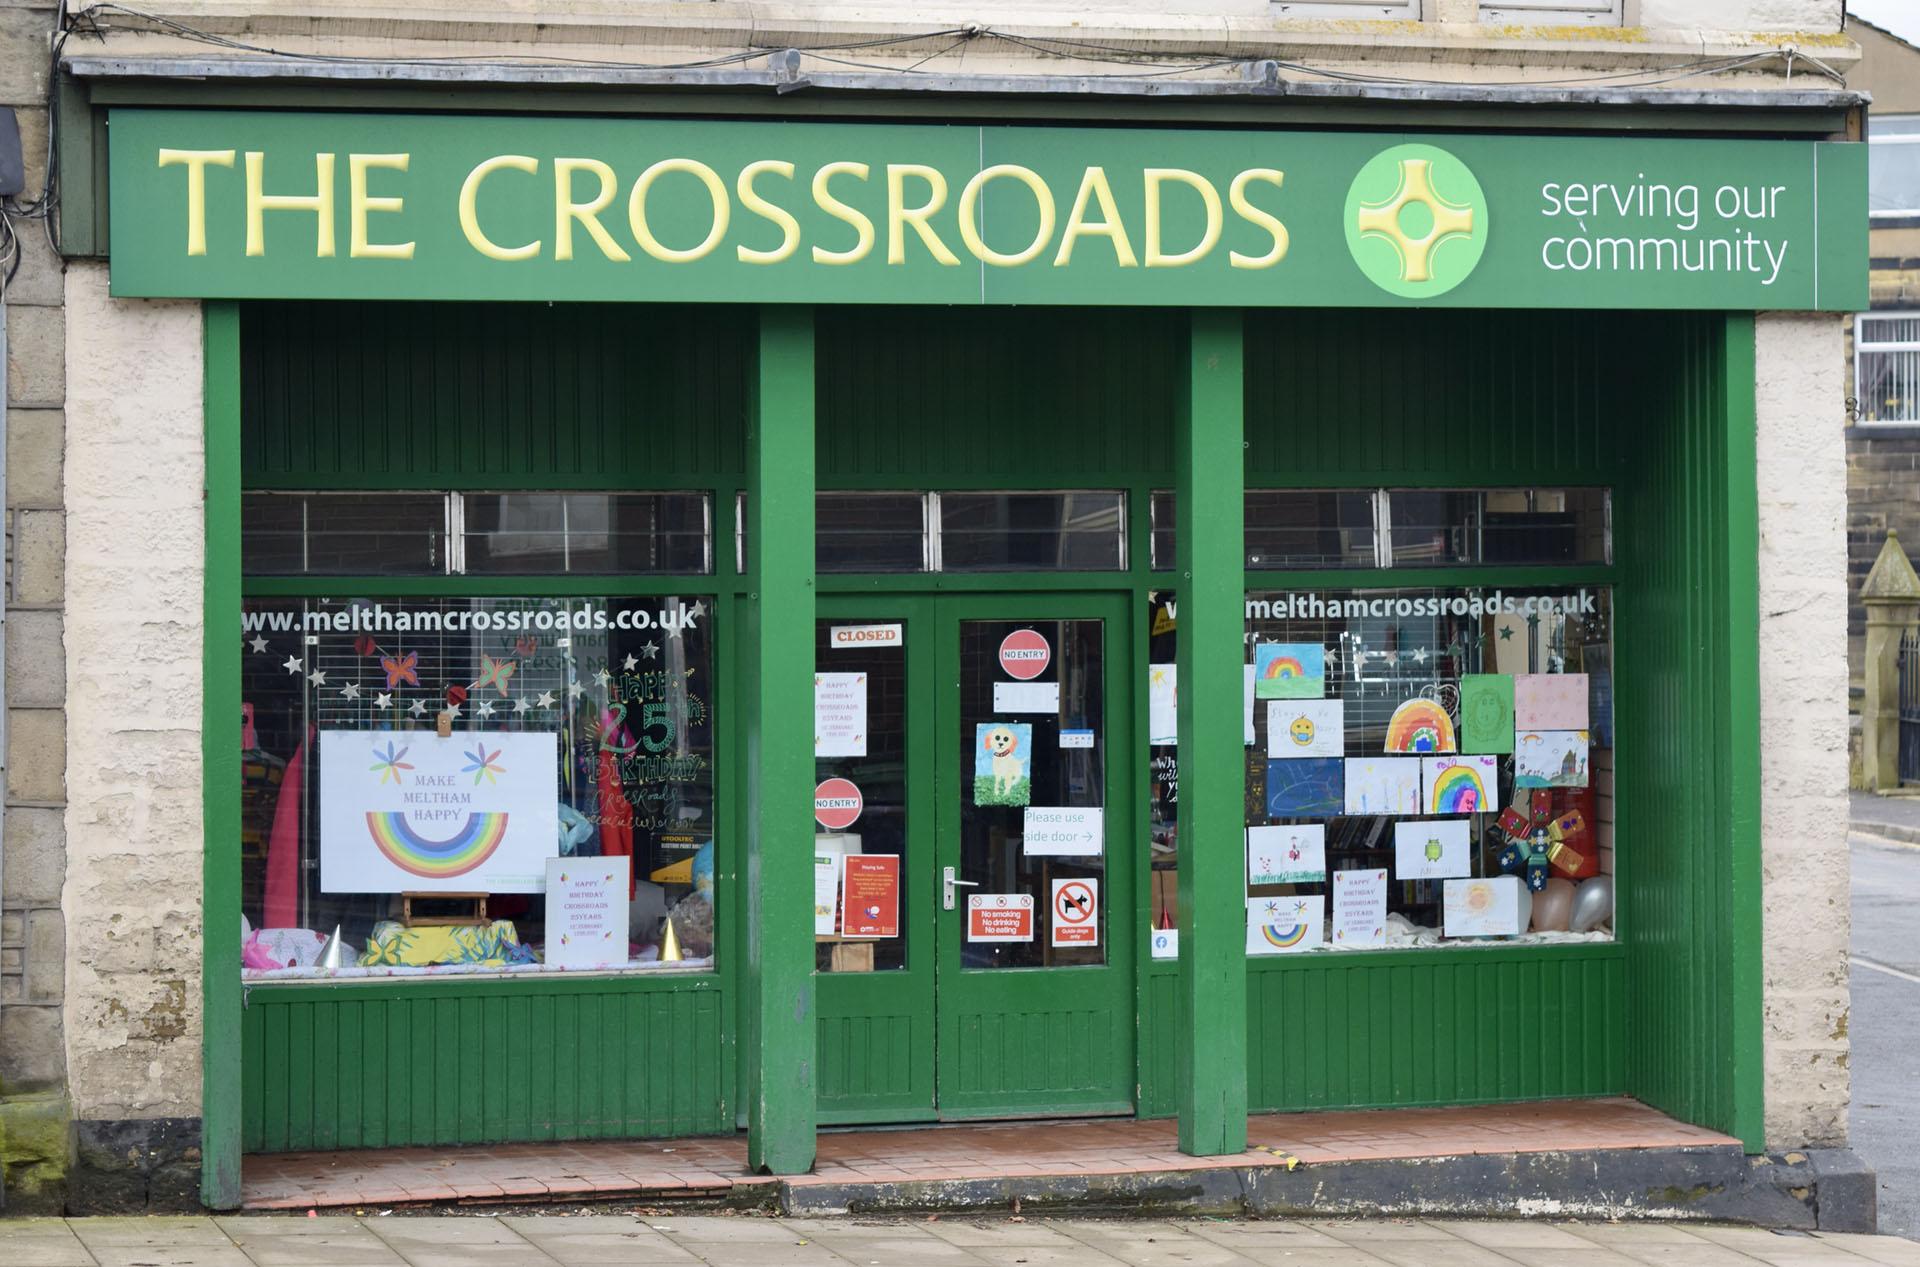 Meltham Crossroads Charity Shop